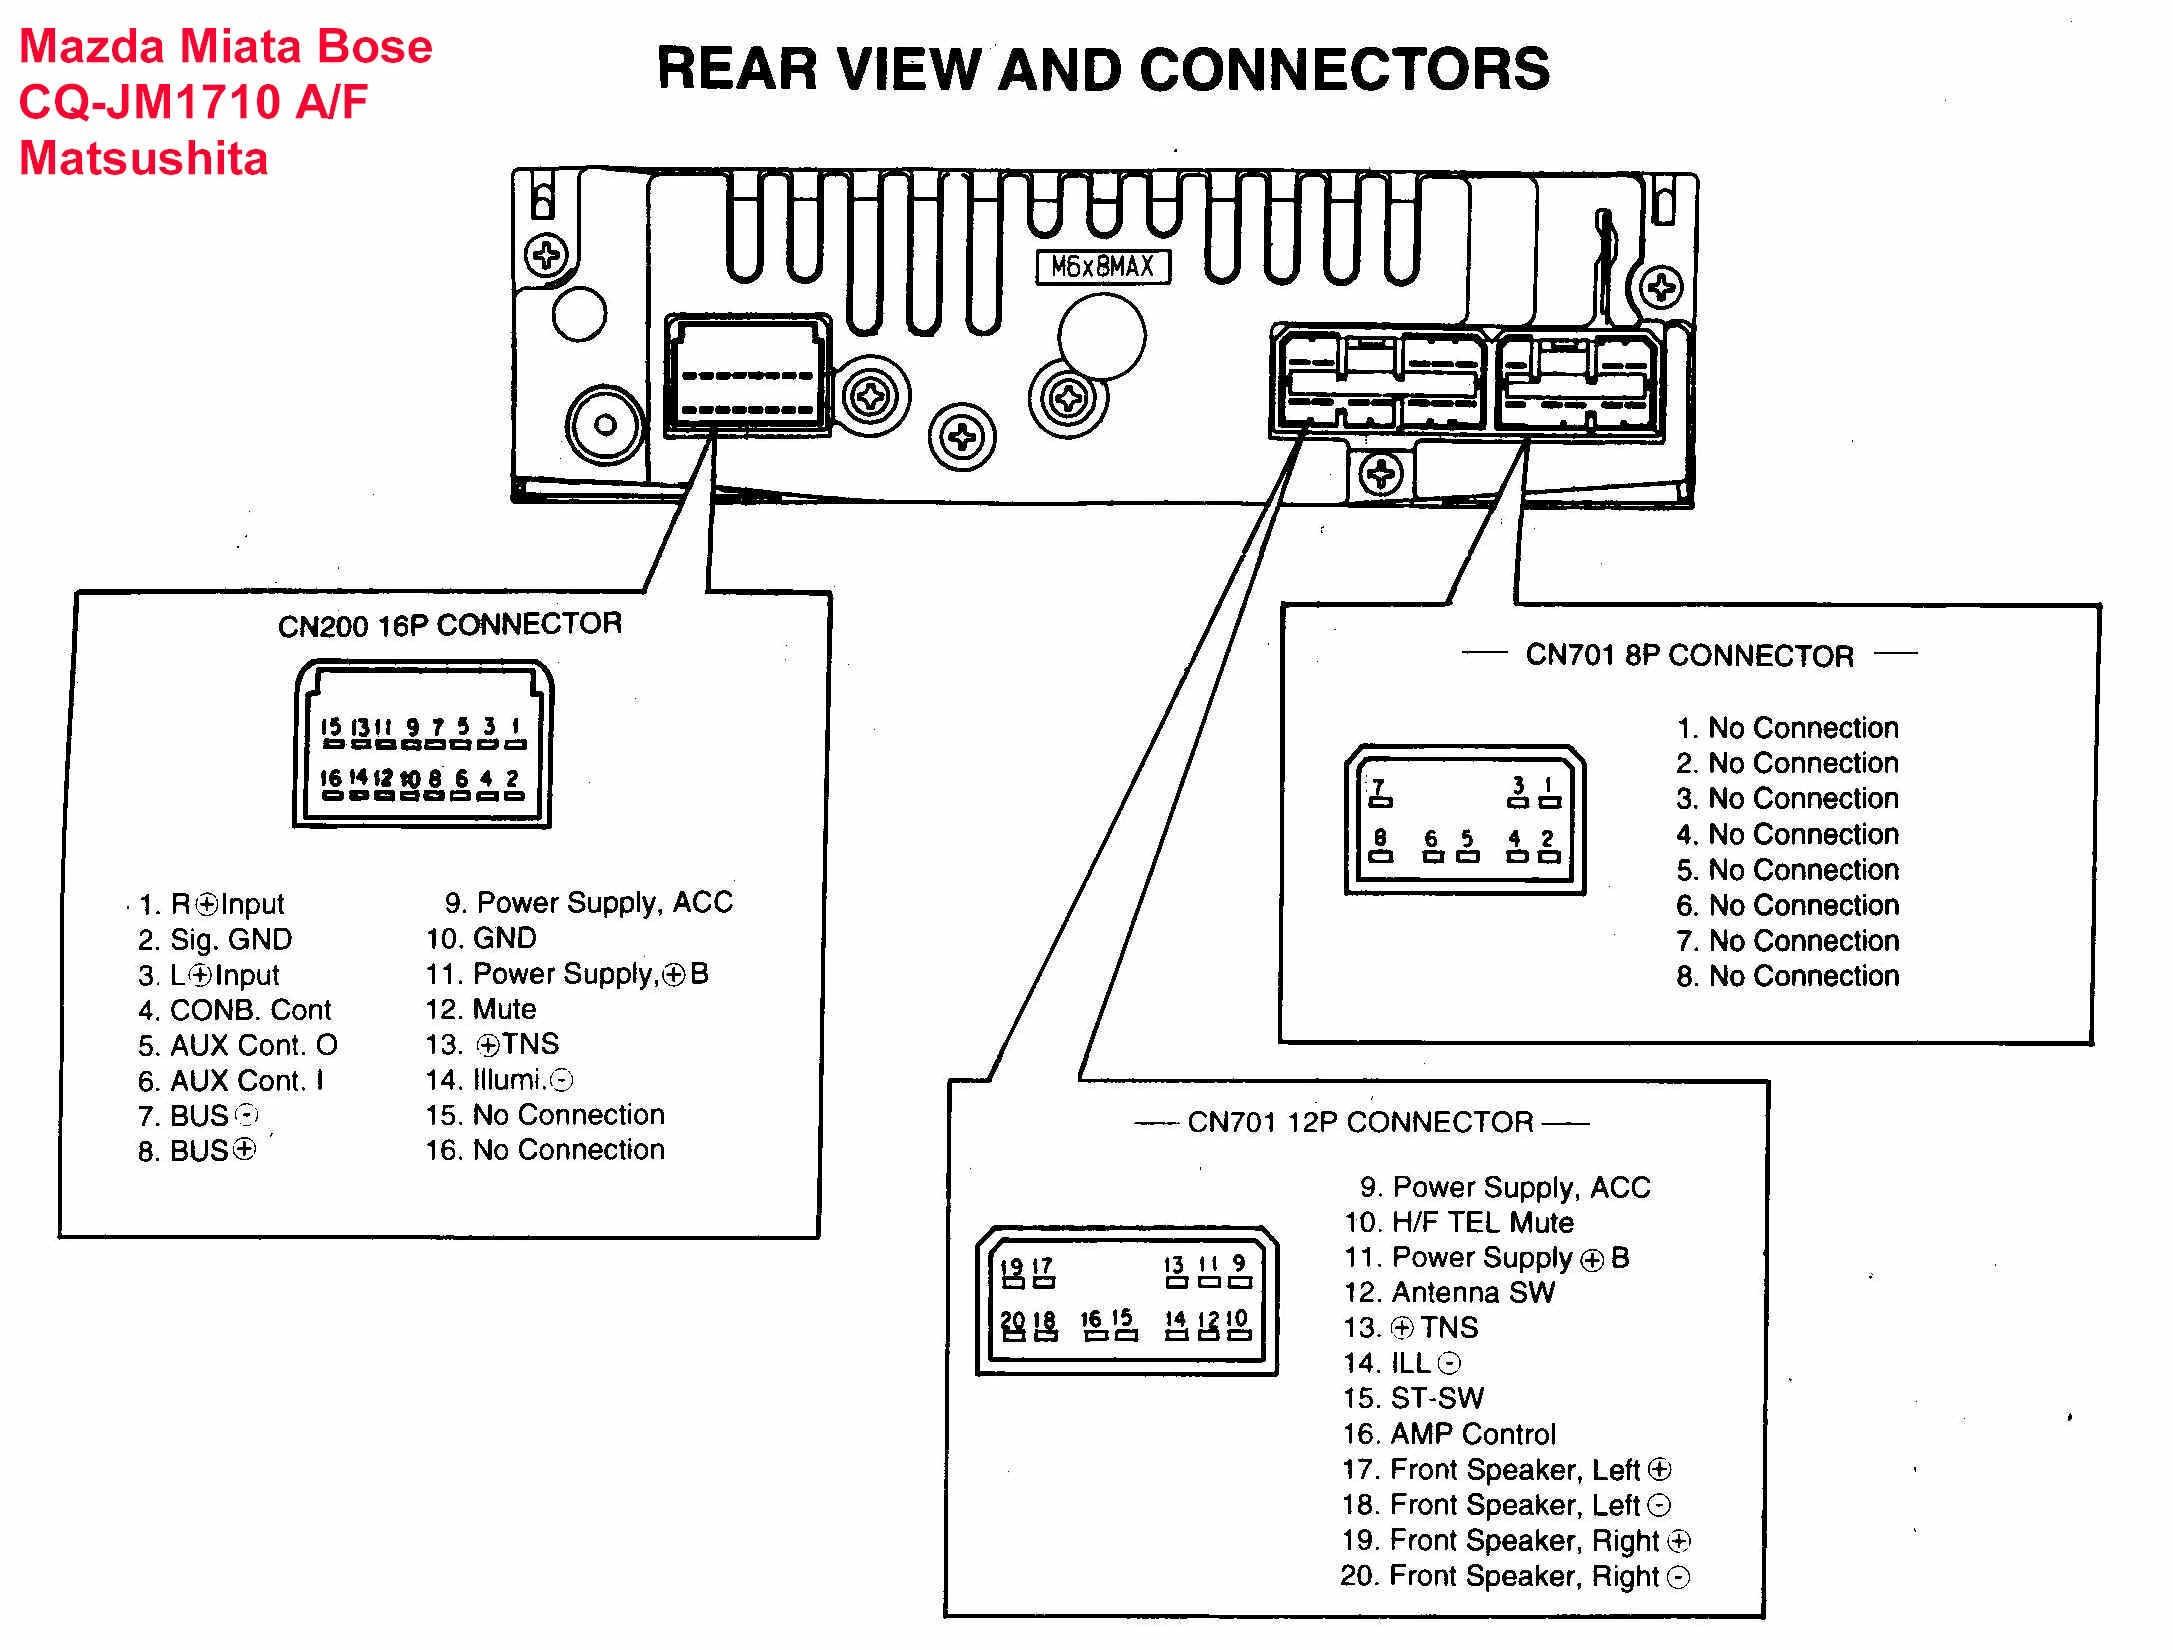 iso trailer wiring diagram er 3892  peugeot trailer wiring  er 3892  peugeot trailer wiring